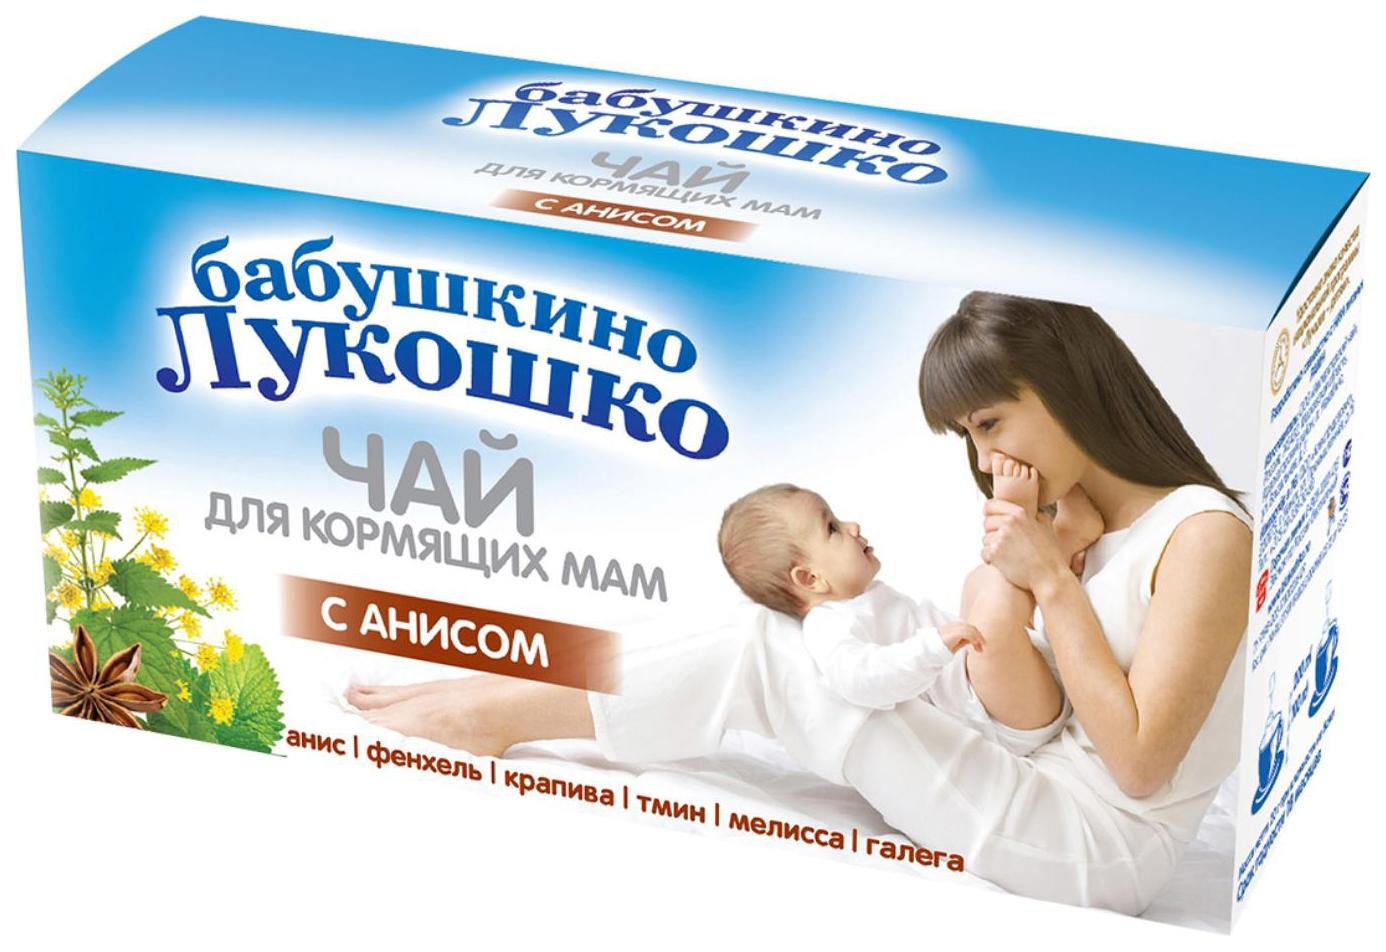 Чай Бабушкино Лукошко С анисом 20 г